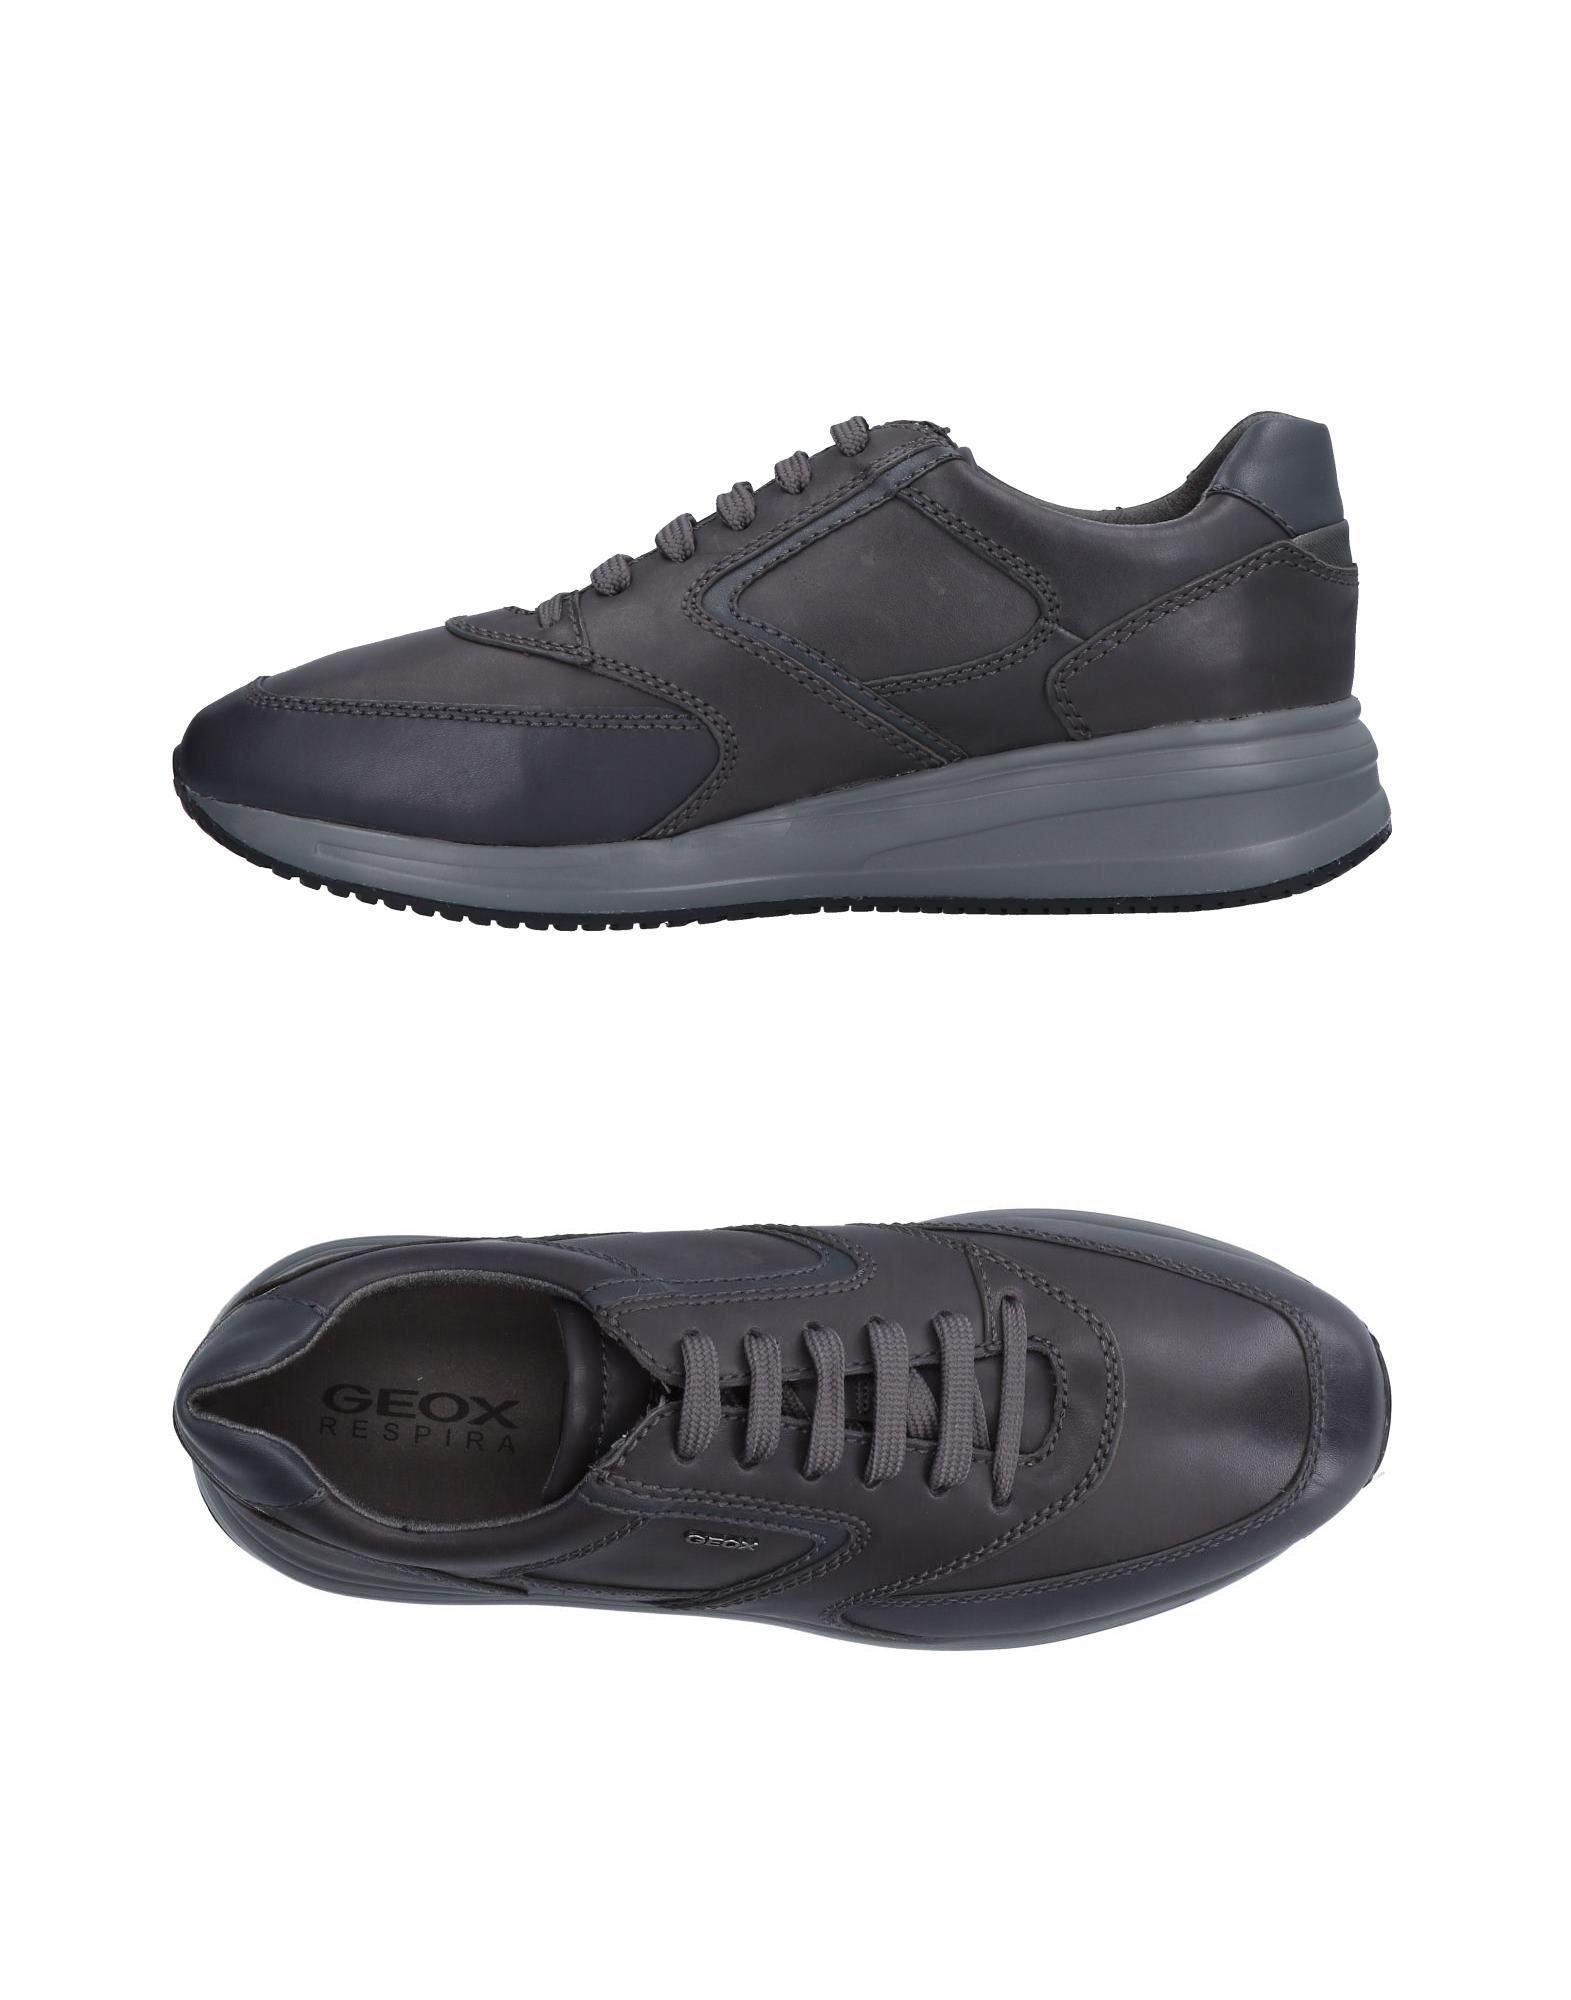 Geox Sneakers Herren  11519901FB